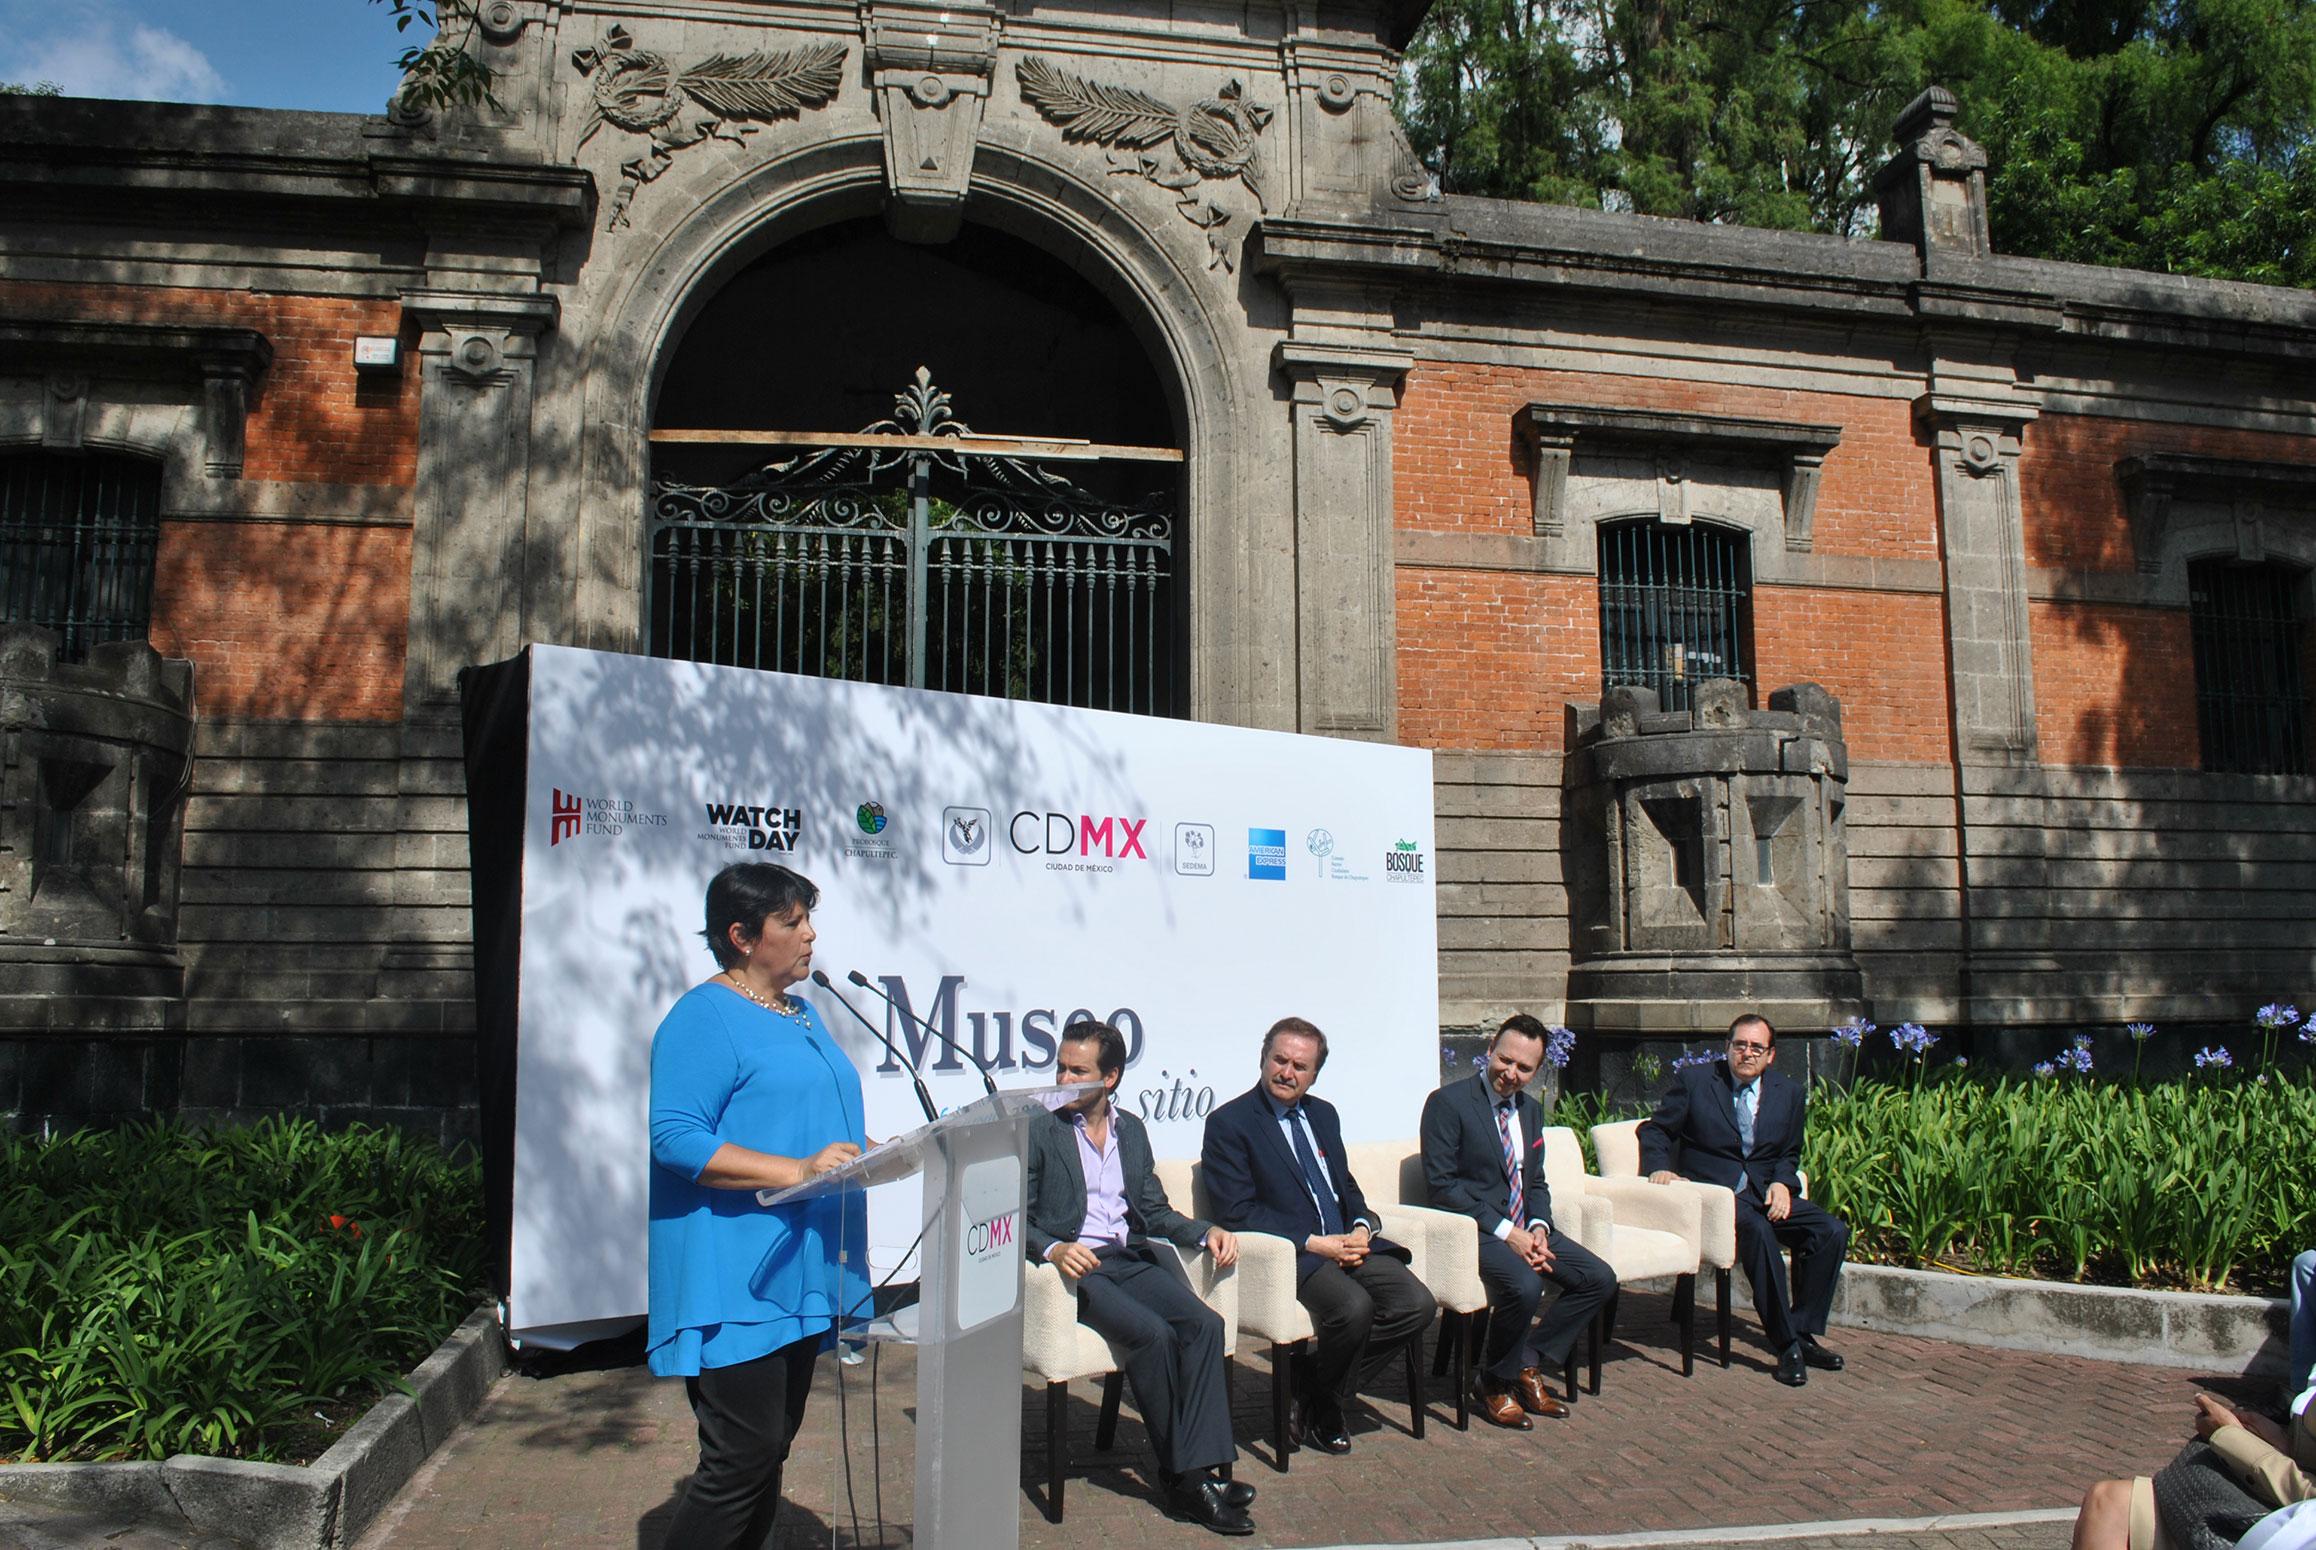 Rosa María Gómez Sosa, Joaquín Vargas Mier y Terán, Marcos Mazari, Jorge Guevara y Gabriel Mérigo Basurto hicieron el anuncio oficial de la próxima apertura del Museo de Sitio